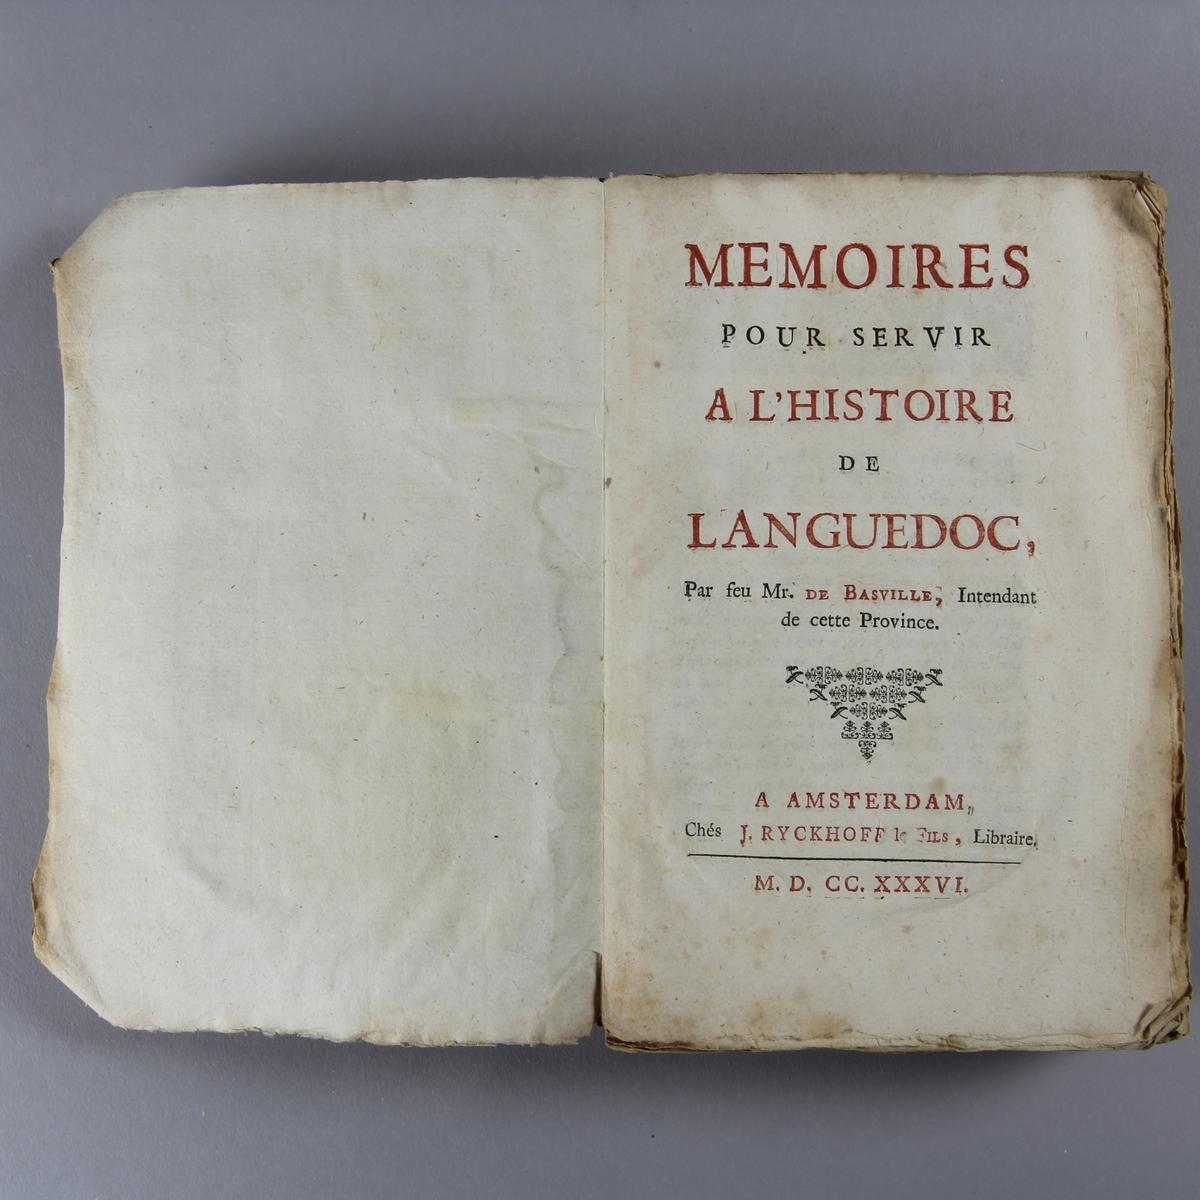 """Bok, häftad """"Mémoires pour servir à l´histoire de Languedoc"""". Pärmar av marmorerat papper, oskuret snitt."""